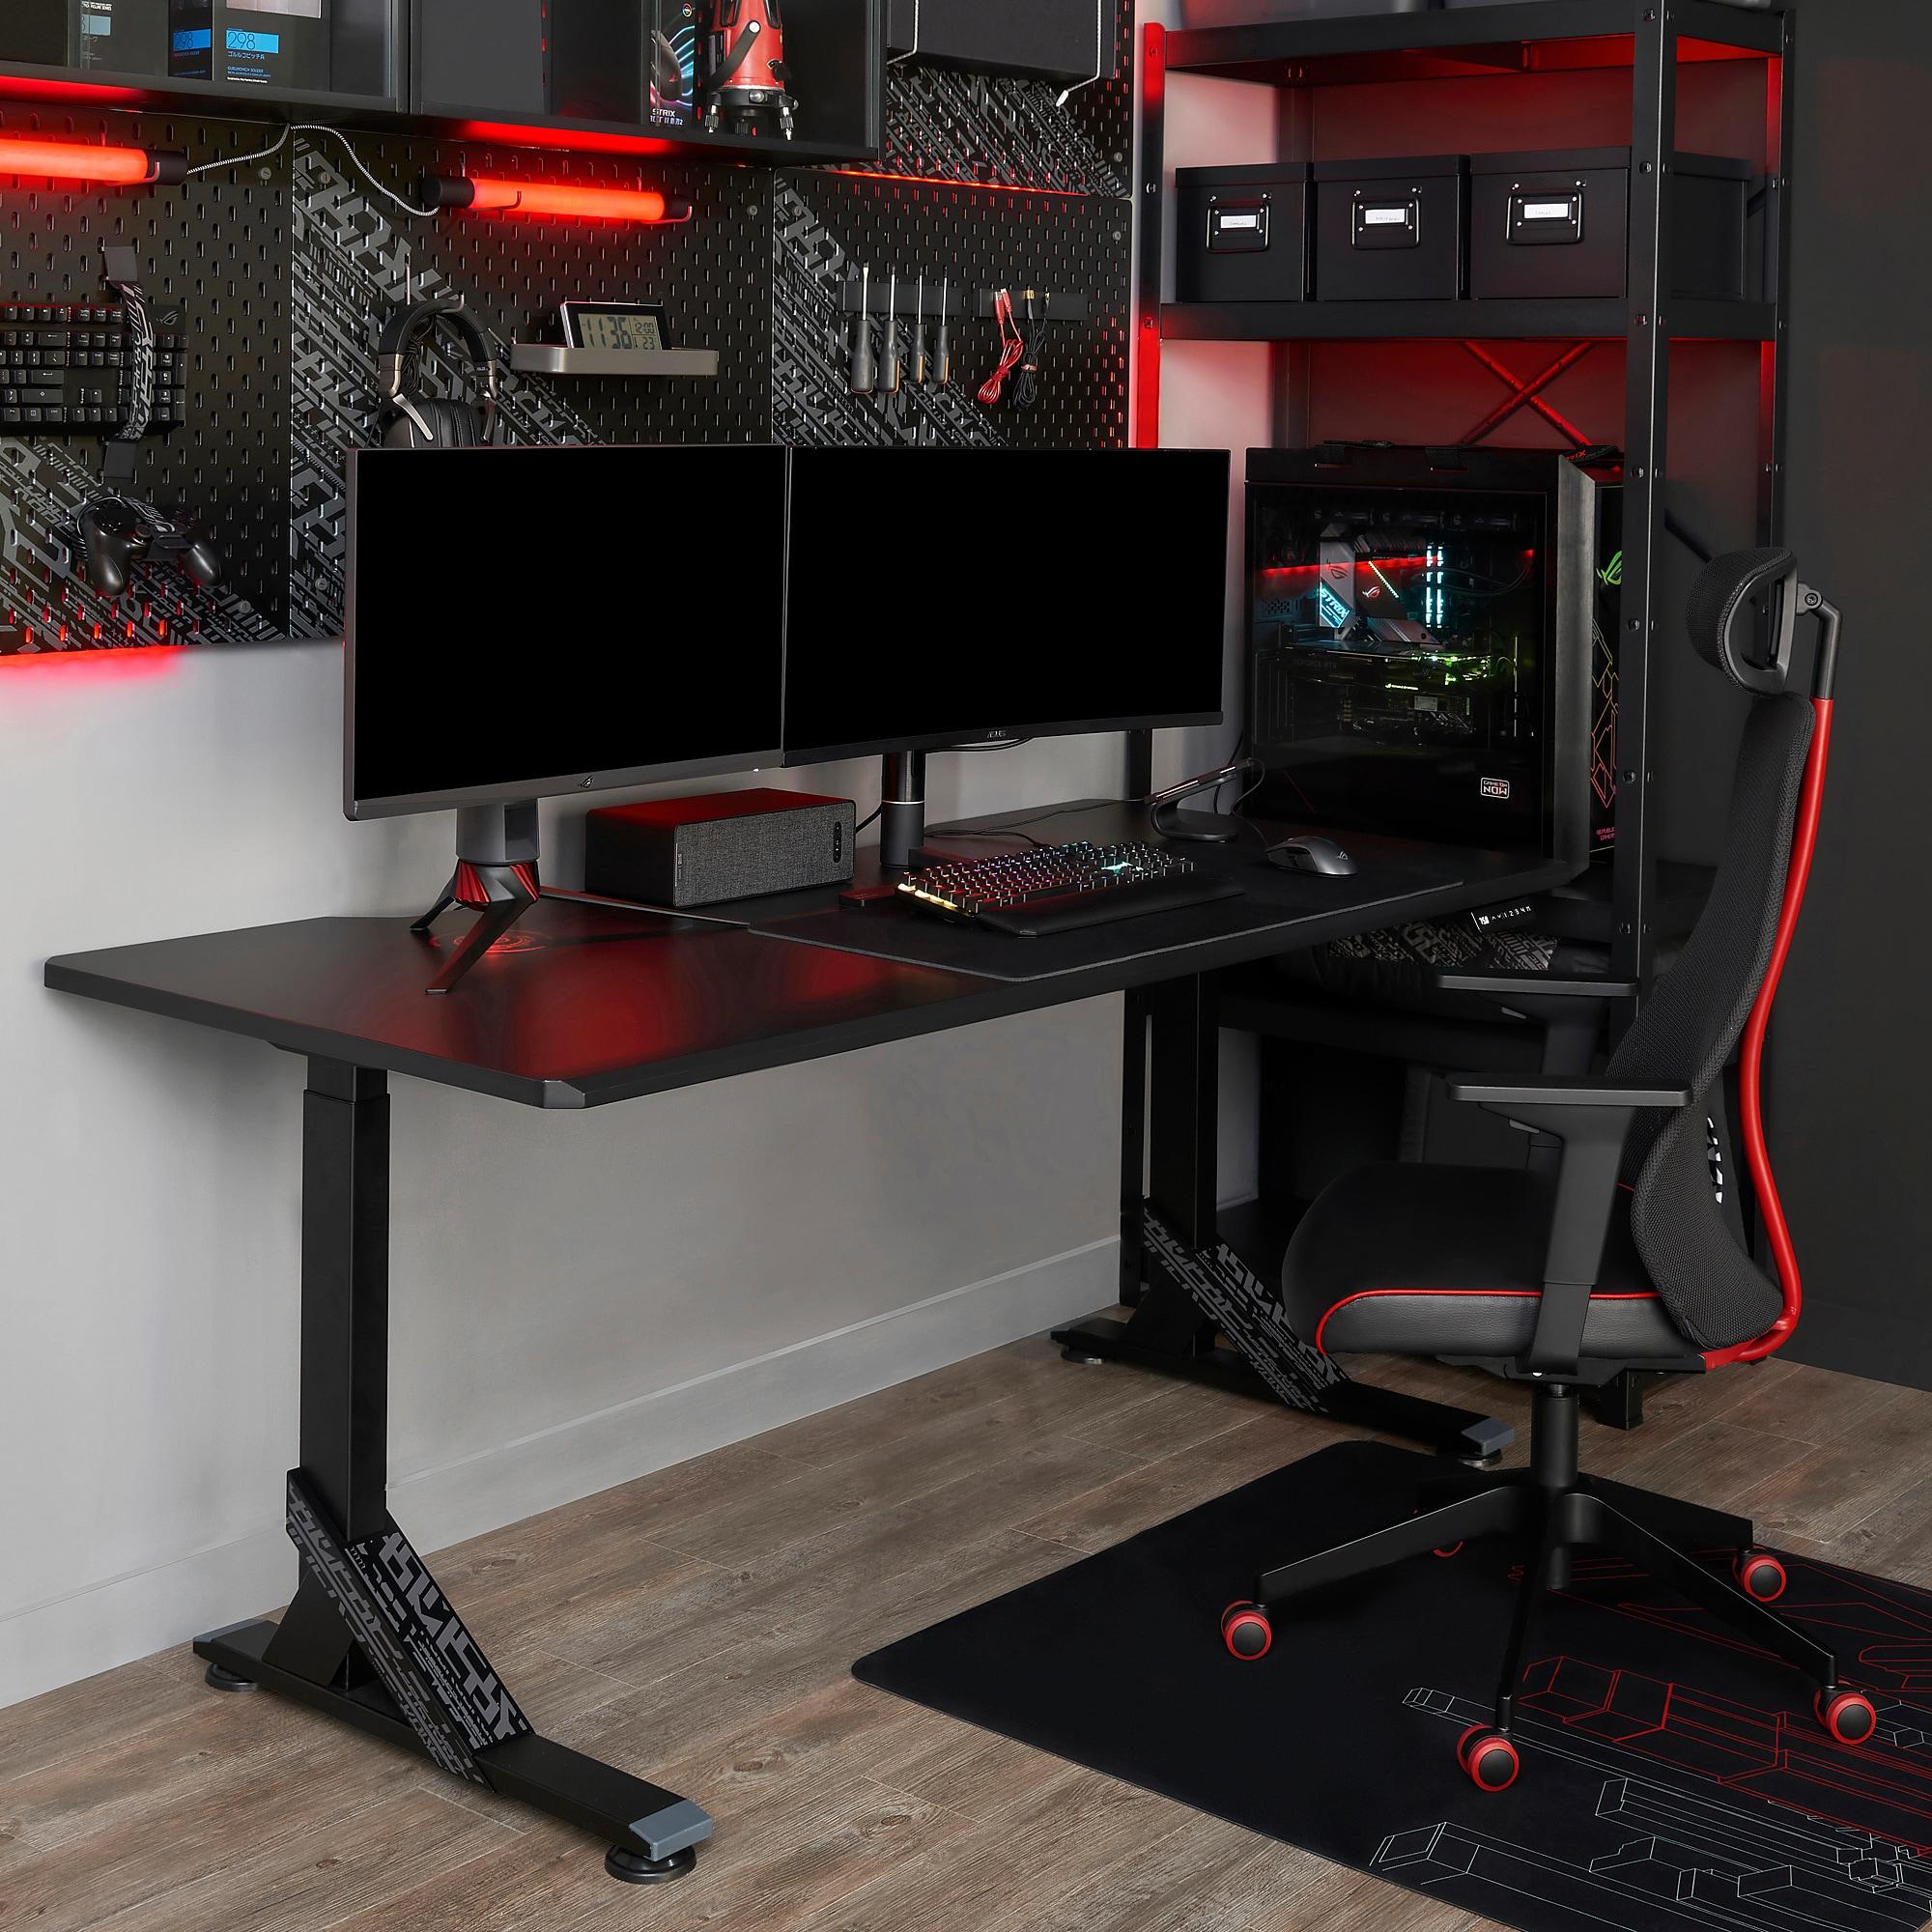 Muebles gamer, la nueva apuesta de IKEA y ROG